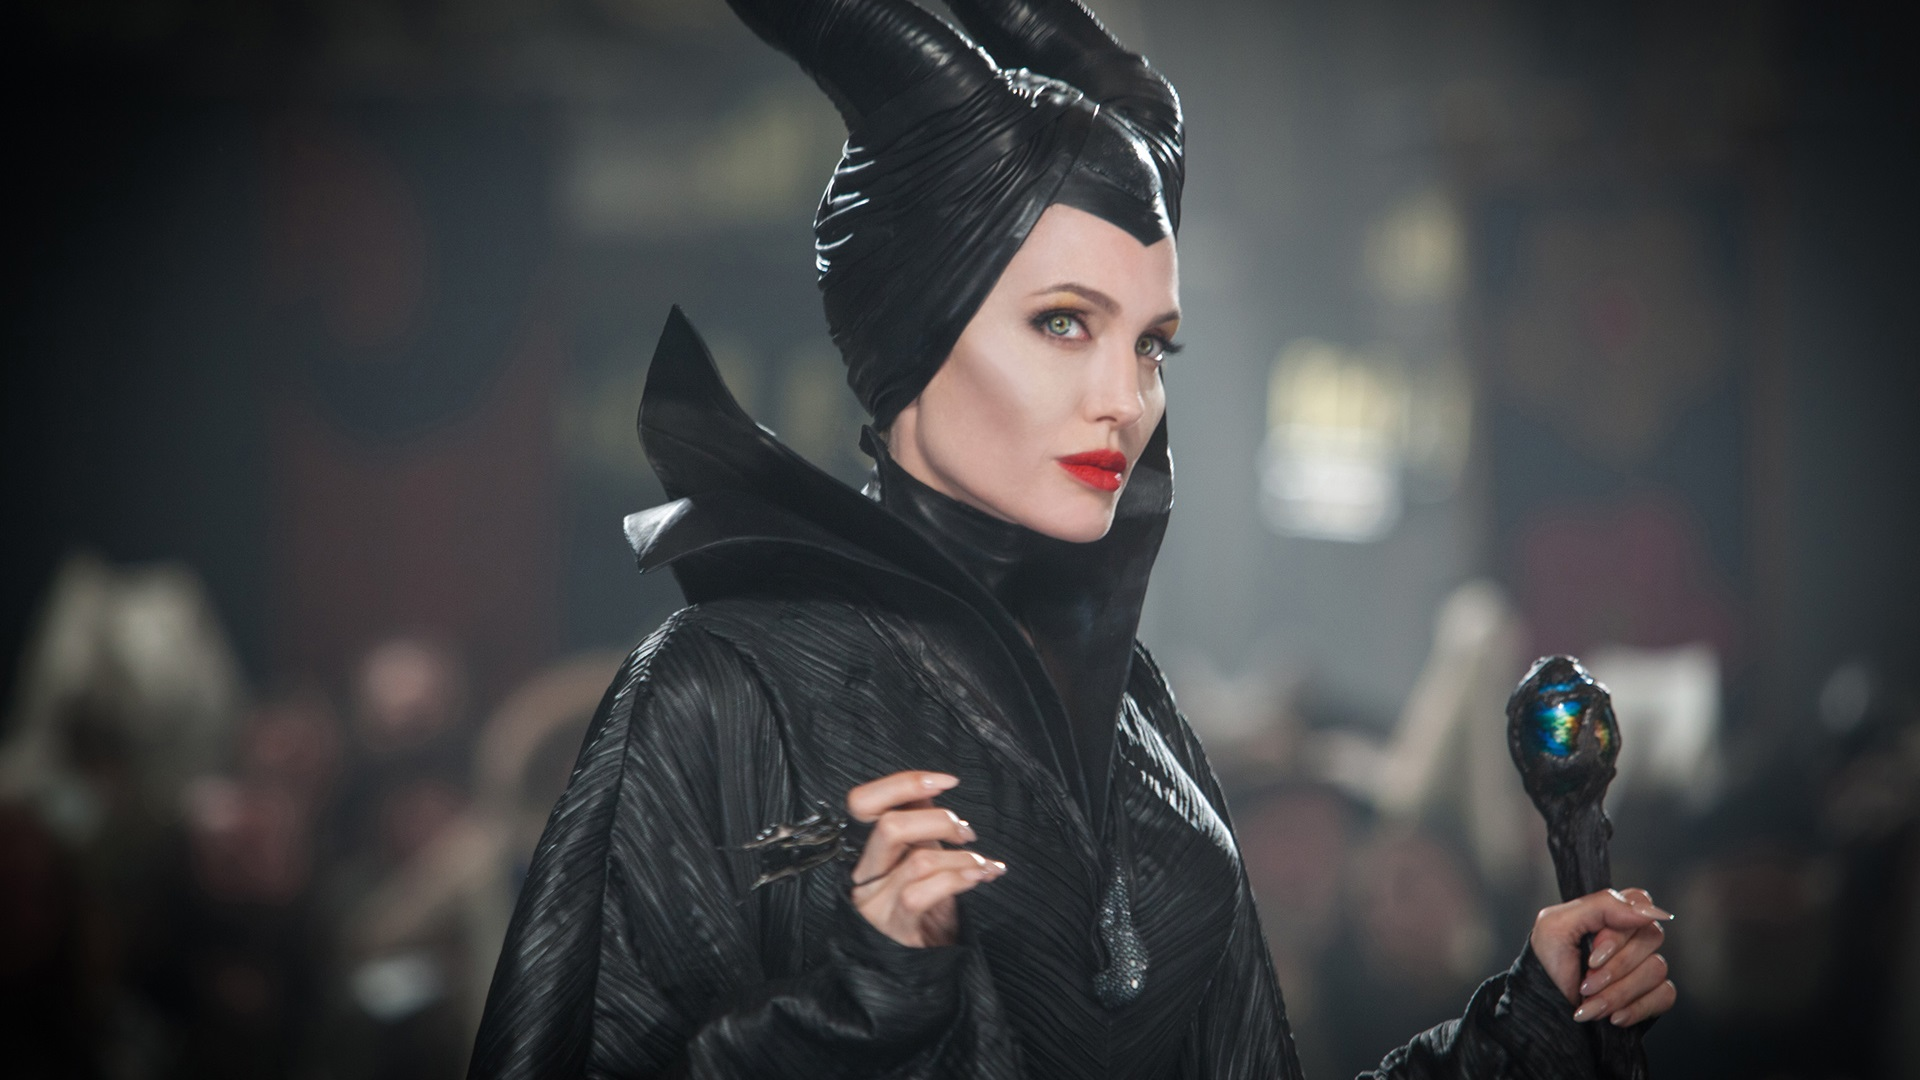 5 лучших фильмов в жанре темного фэнтези, которые понравятся всем женщинам